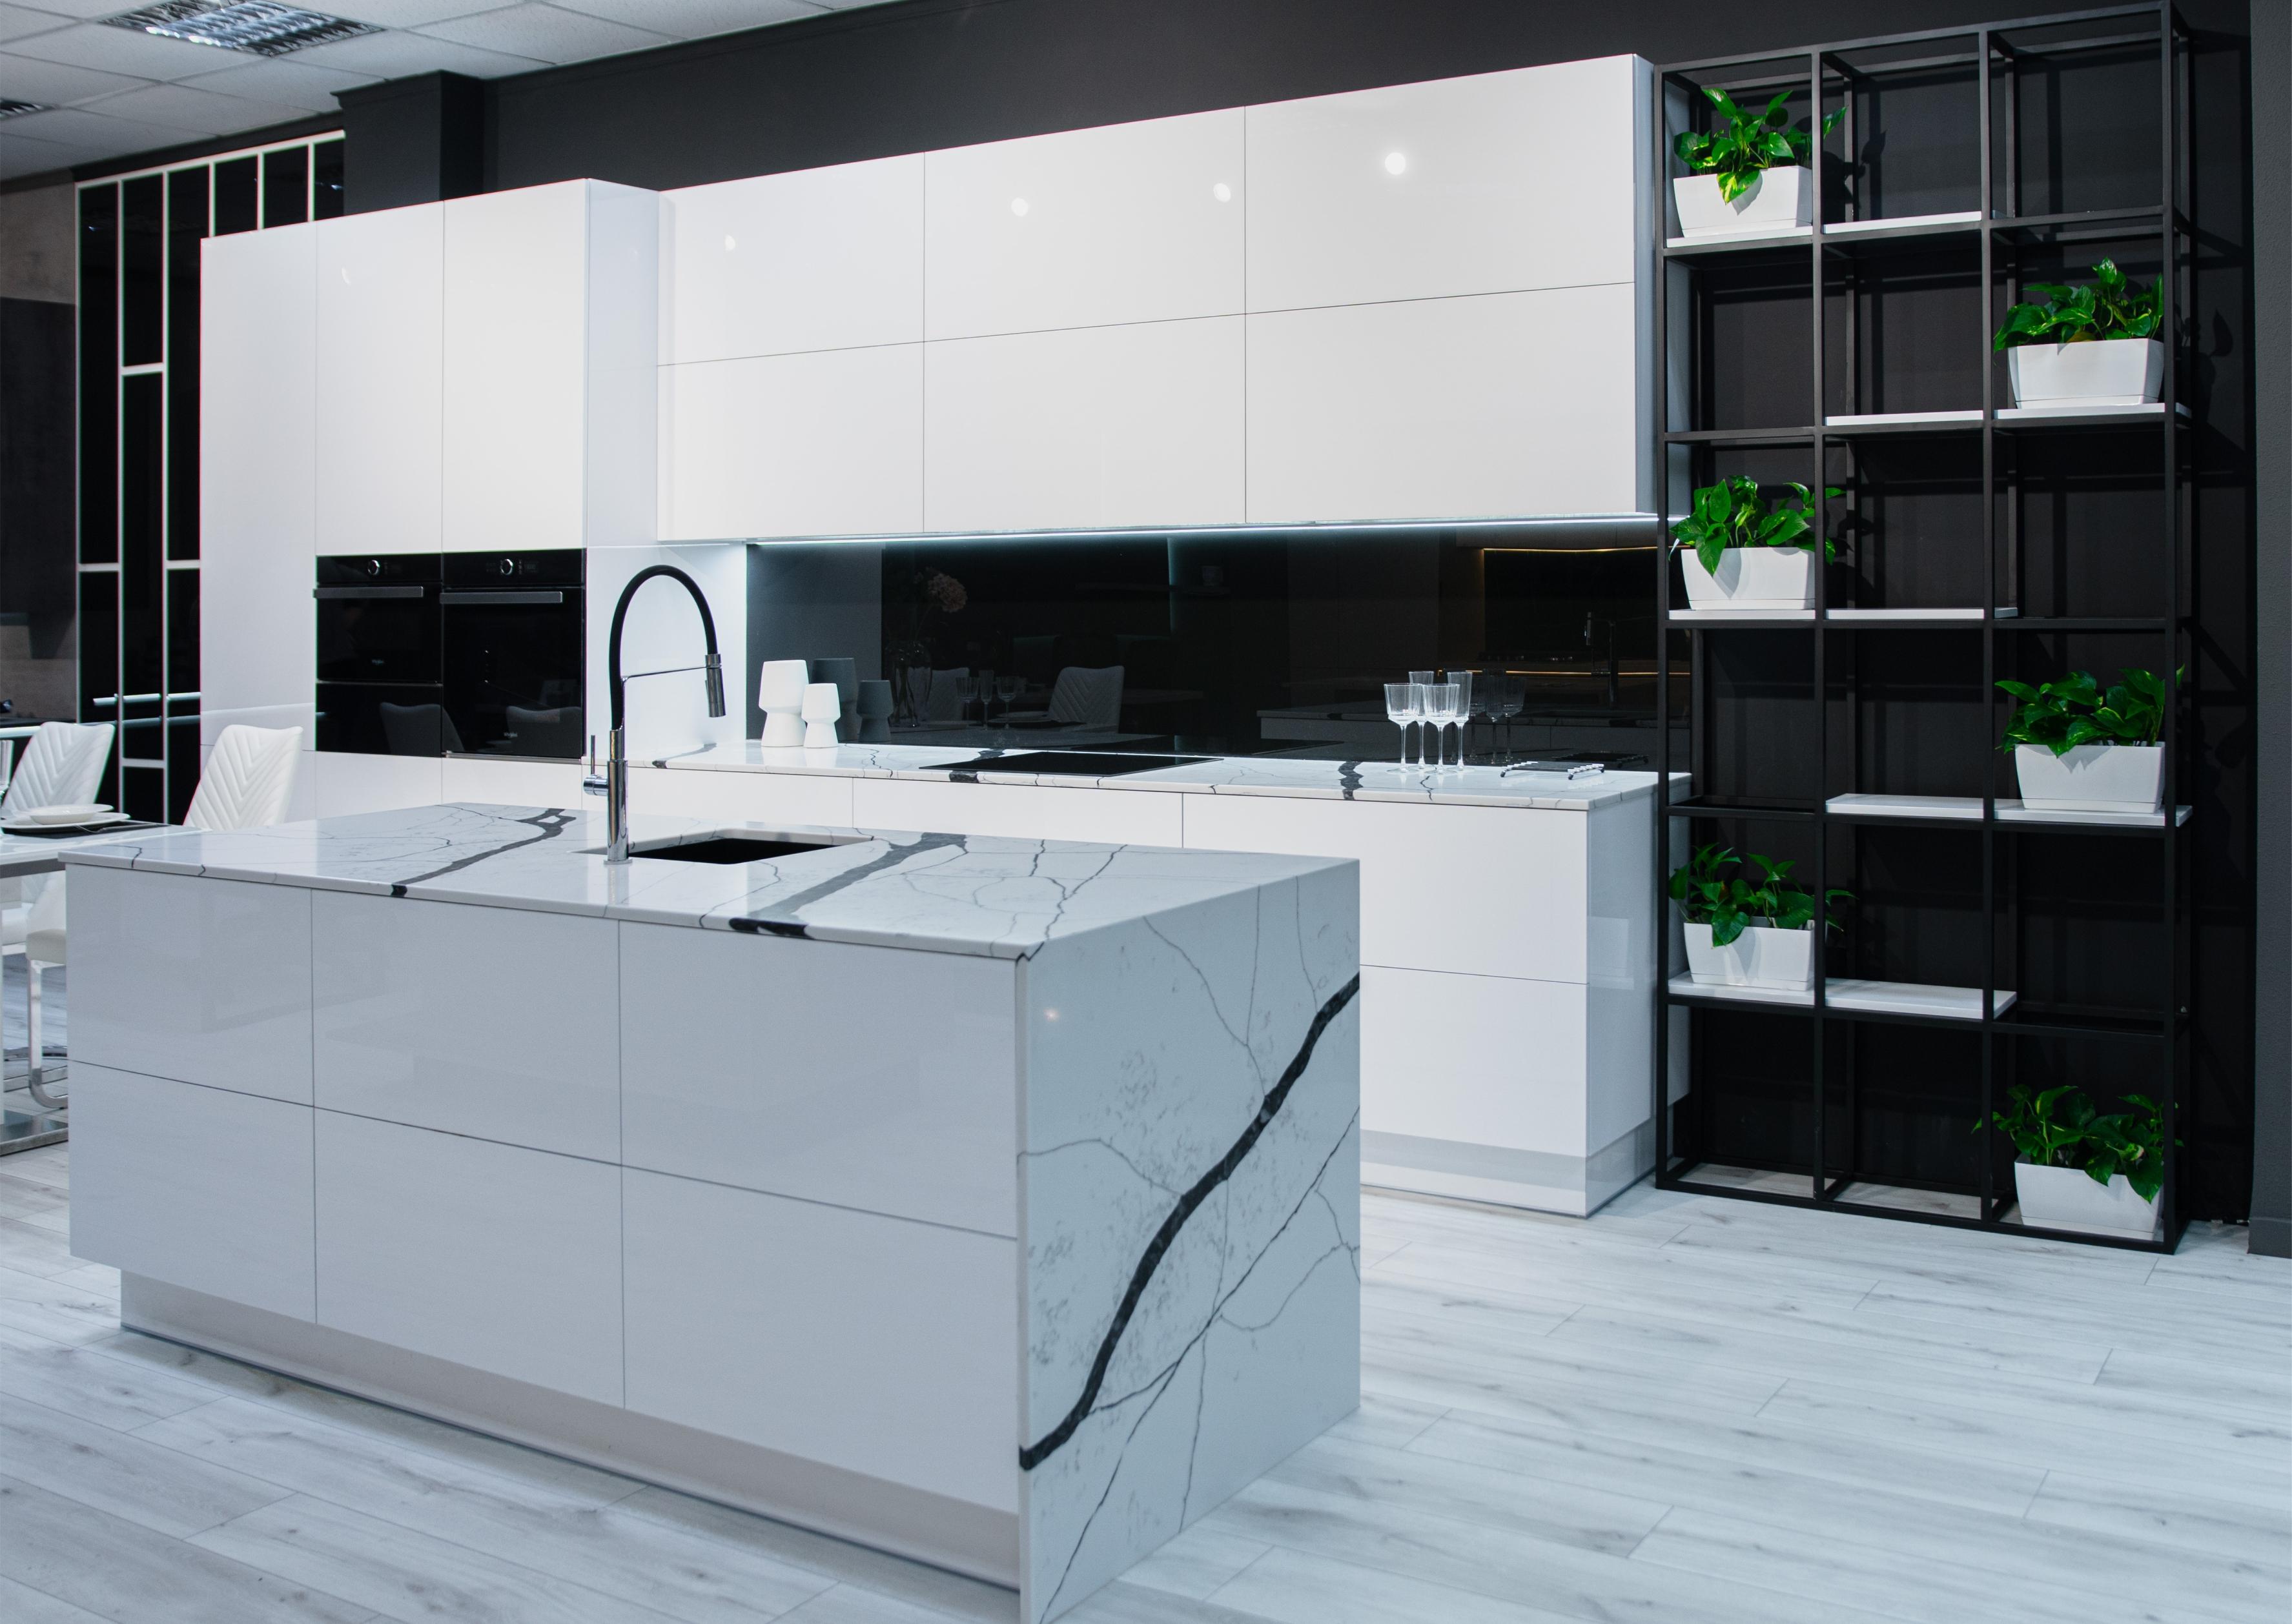 Кухня - серце будь-якої квартири або будинку.Тут збирається вся родина, навіть гостей ми зустрічаємо на кухні.Тому меблі для цієї частини житла потрібно вибирати особливо ретельно.